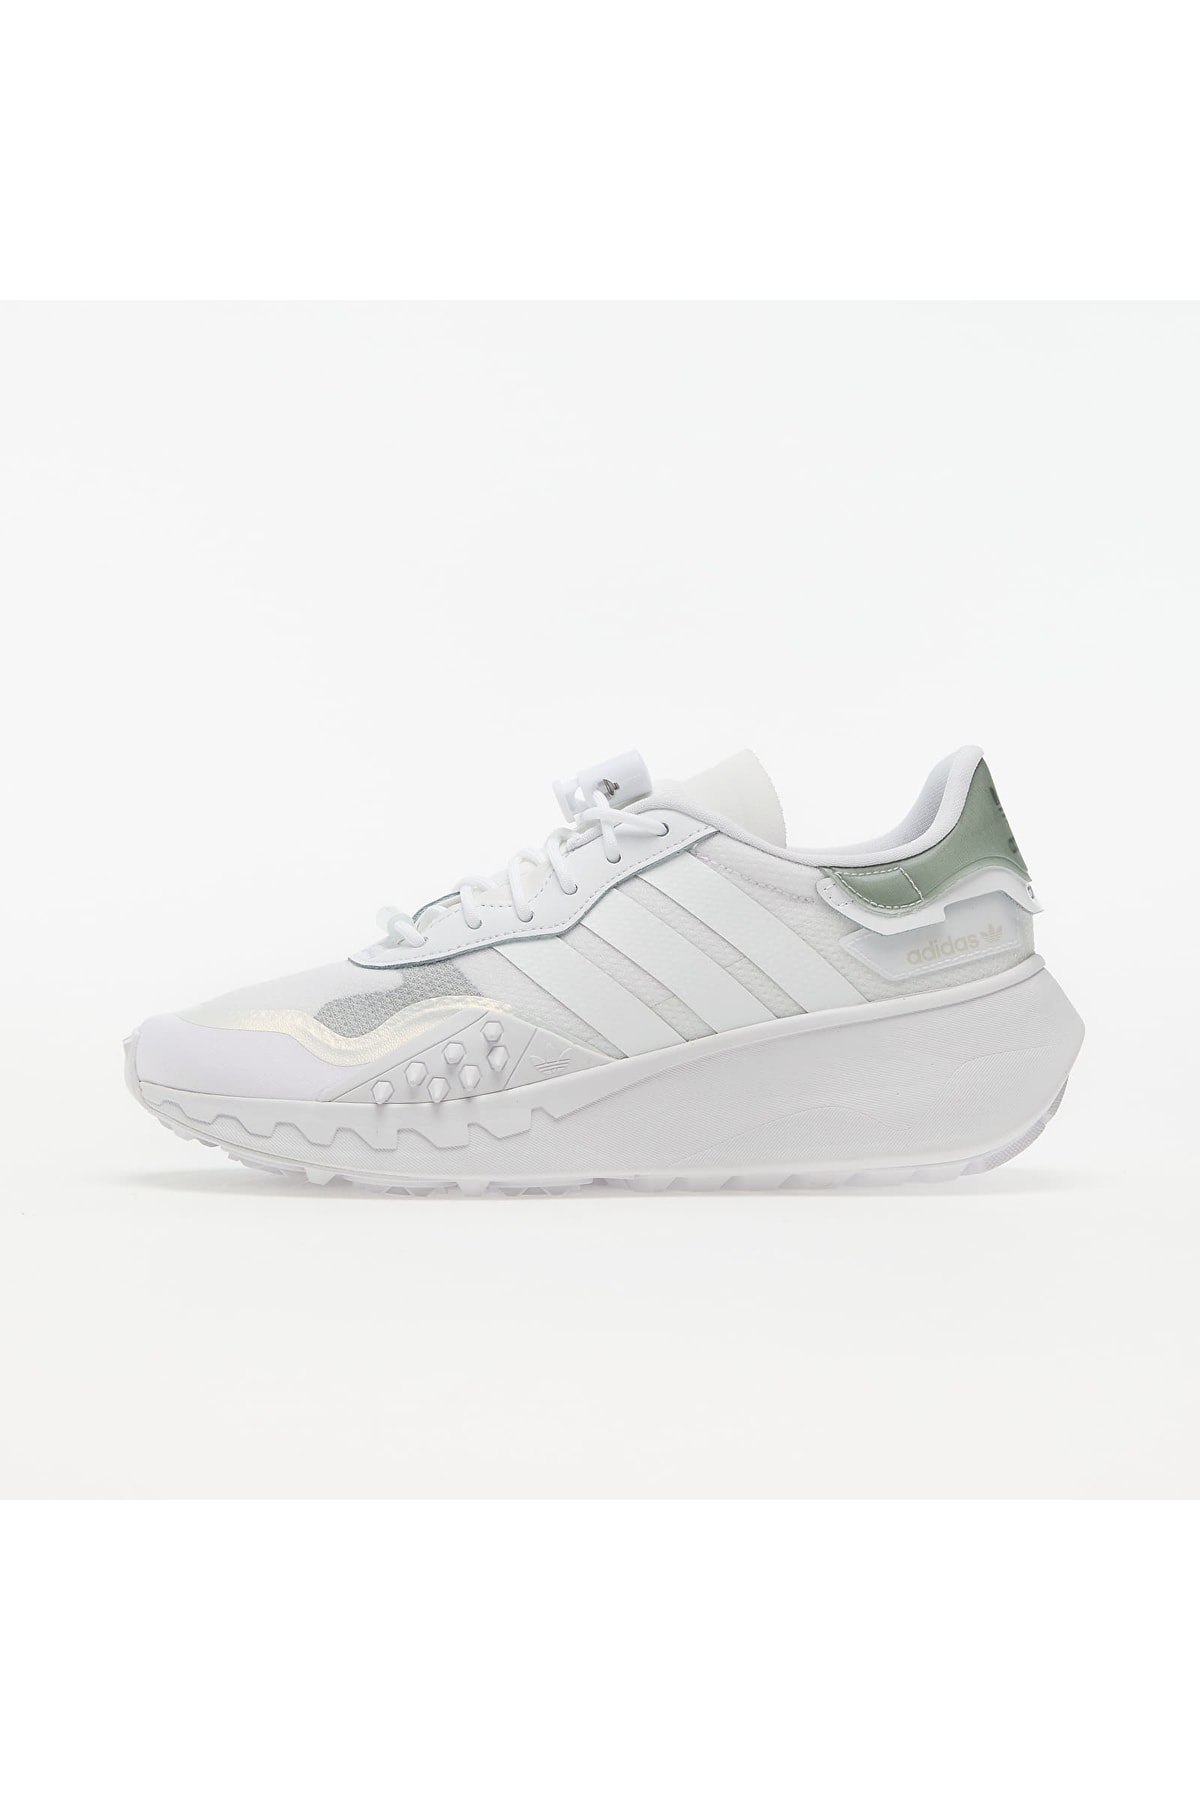 Kadın Ayakkabı Fy6499